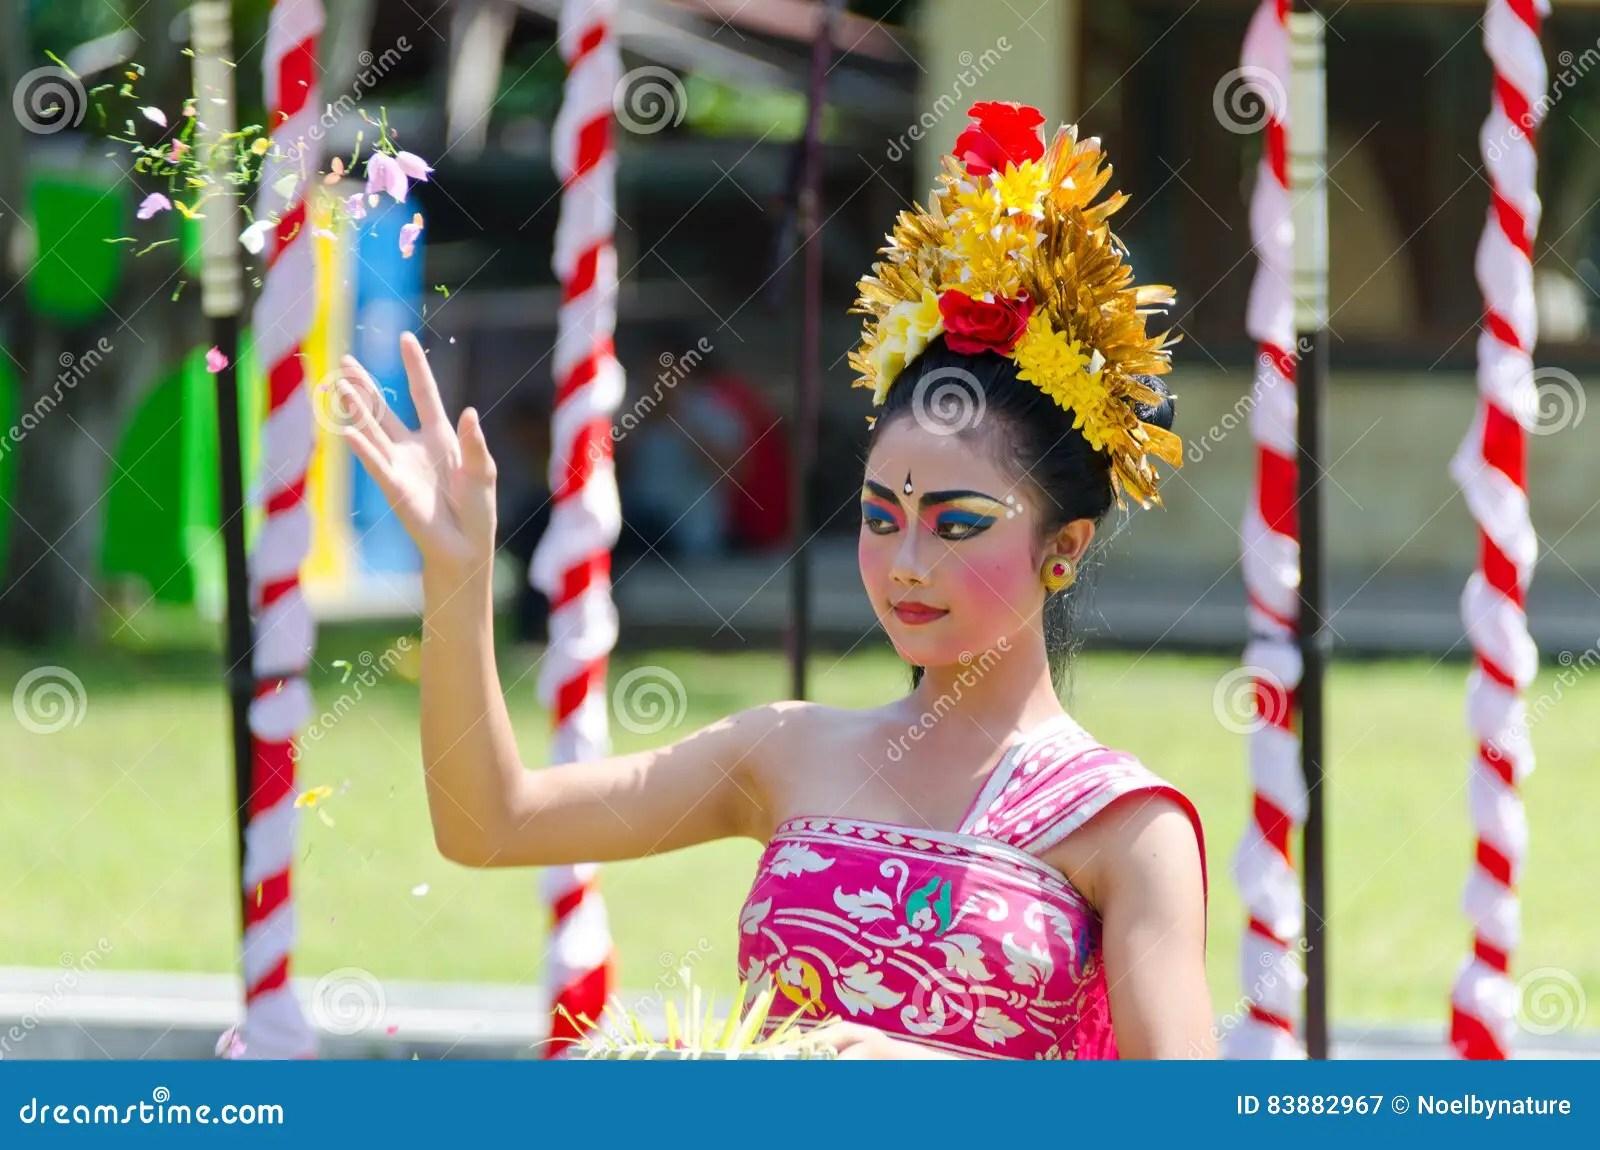 balinese dancer tossng flowers